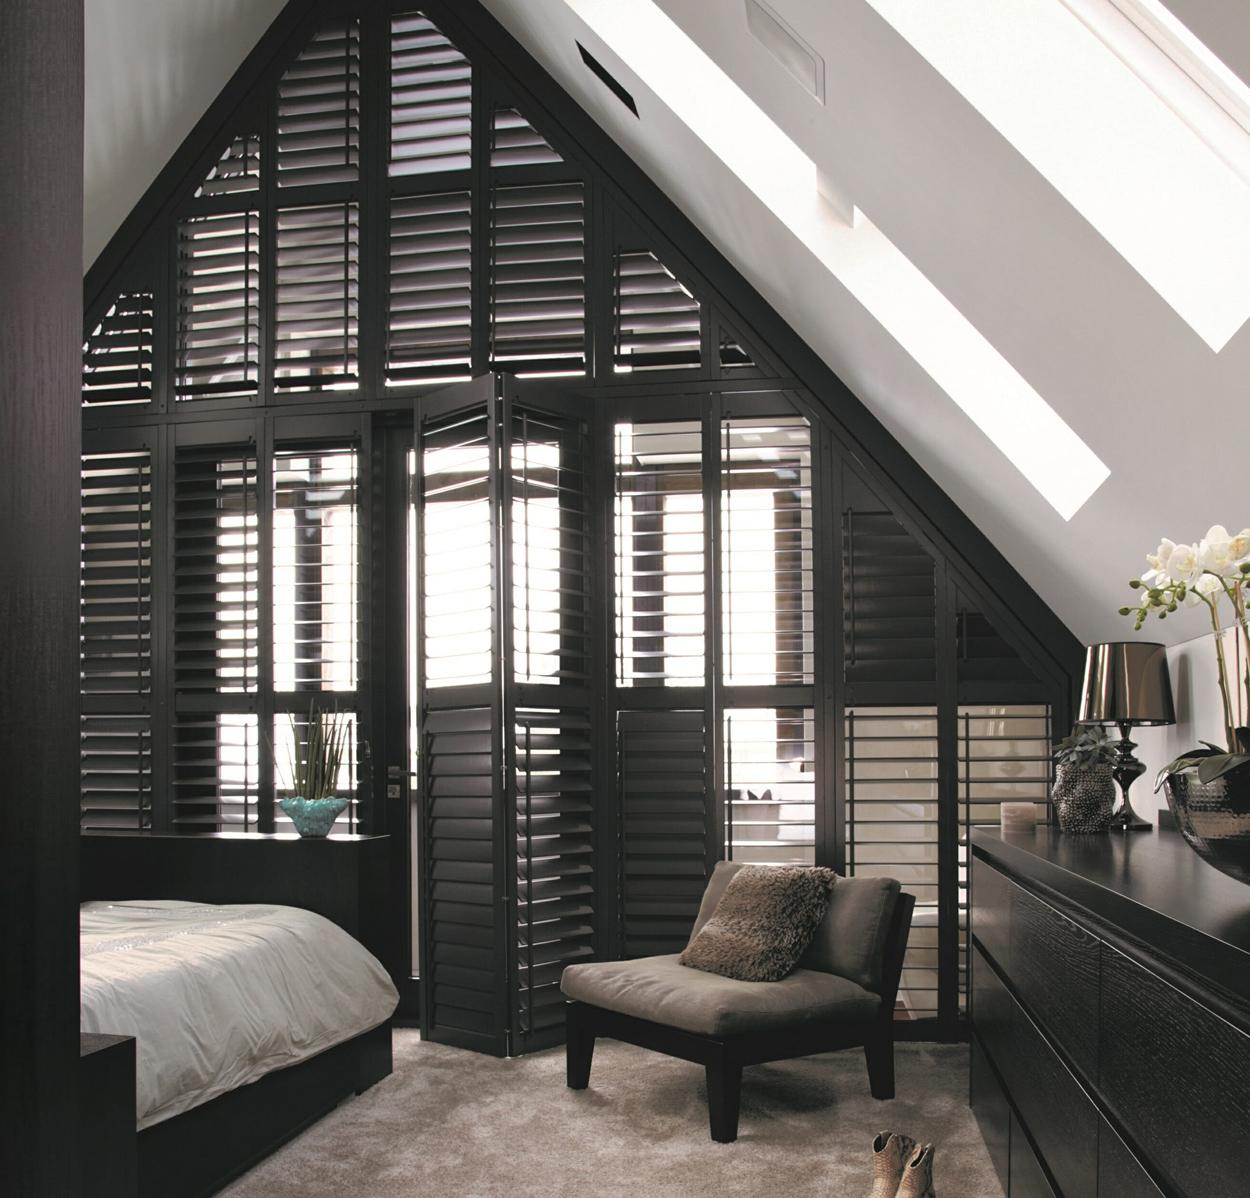 Stijlvolle, zwarte shutters in de slaapkamer als room divider.